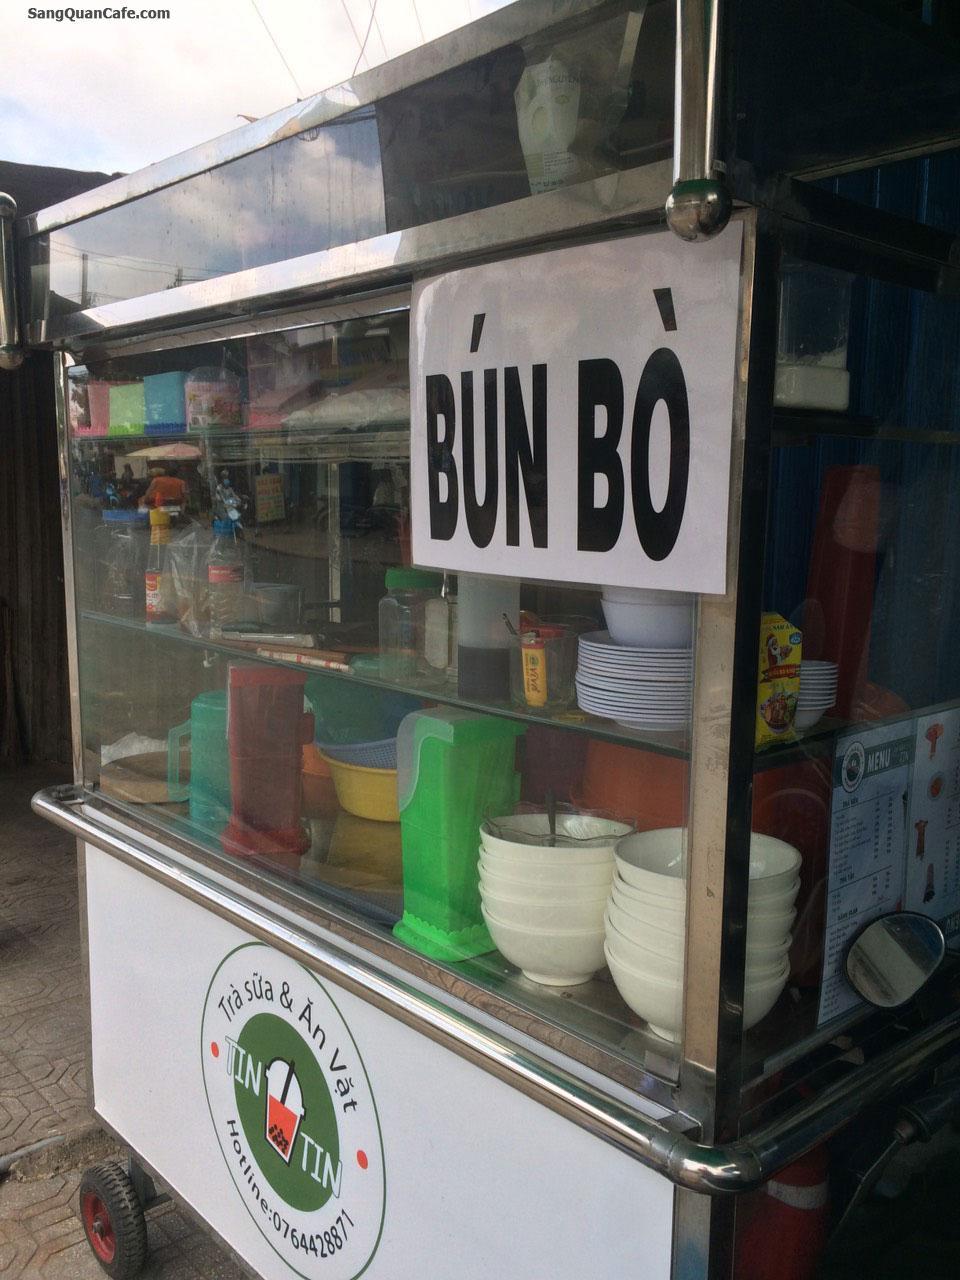 Sang quán cafe + Bún Bò